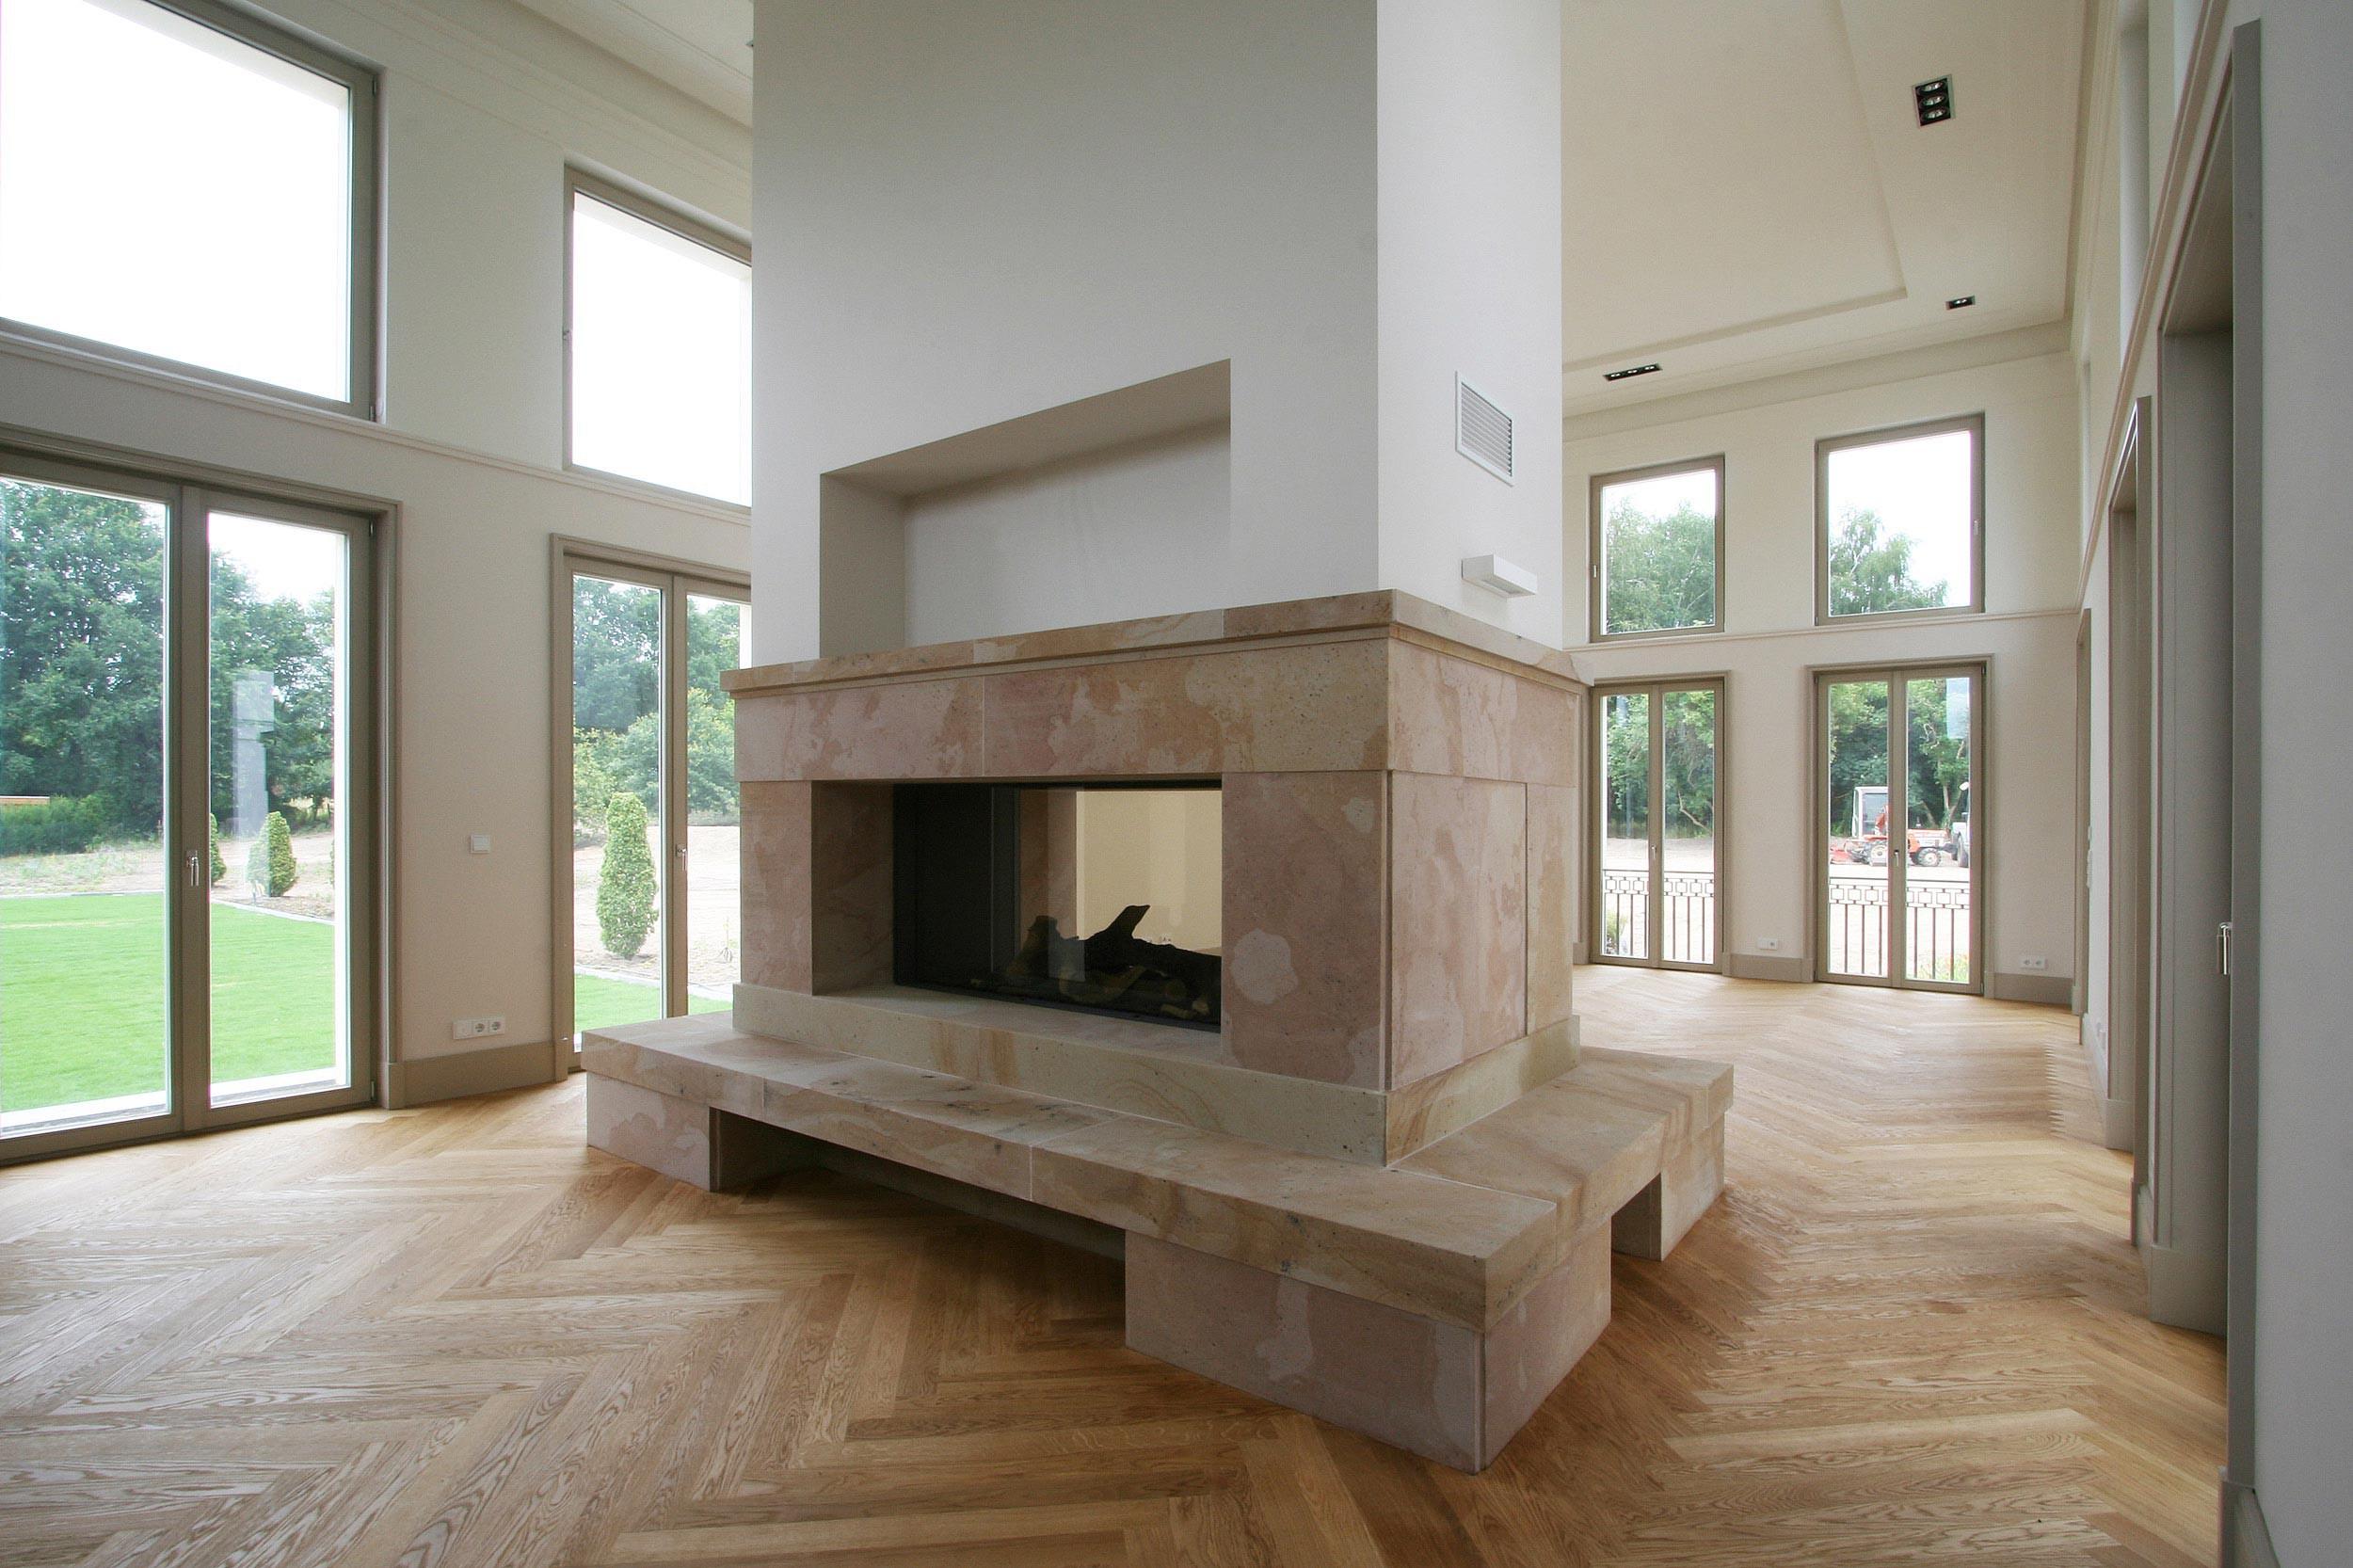 KLASSIK UND TRADITION - Neubau klassizistische Villa - Die lichtdurchflutete Wohnhalle mit 5,30 mtr. Deckenhöhe.